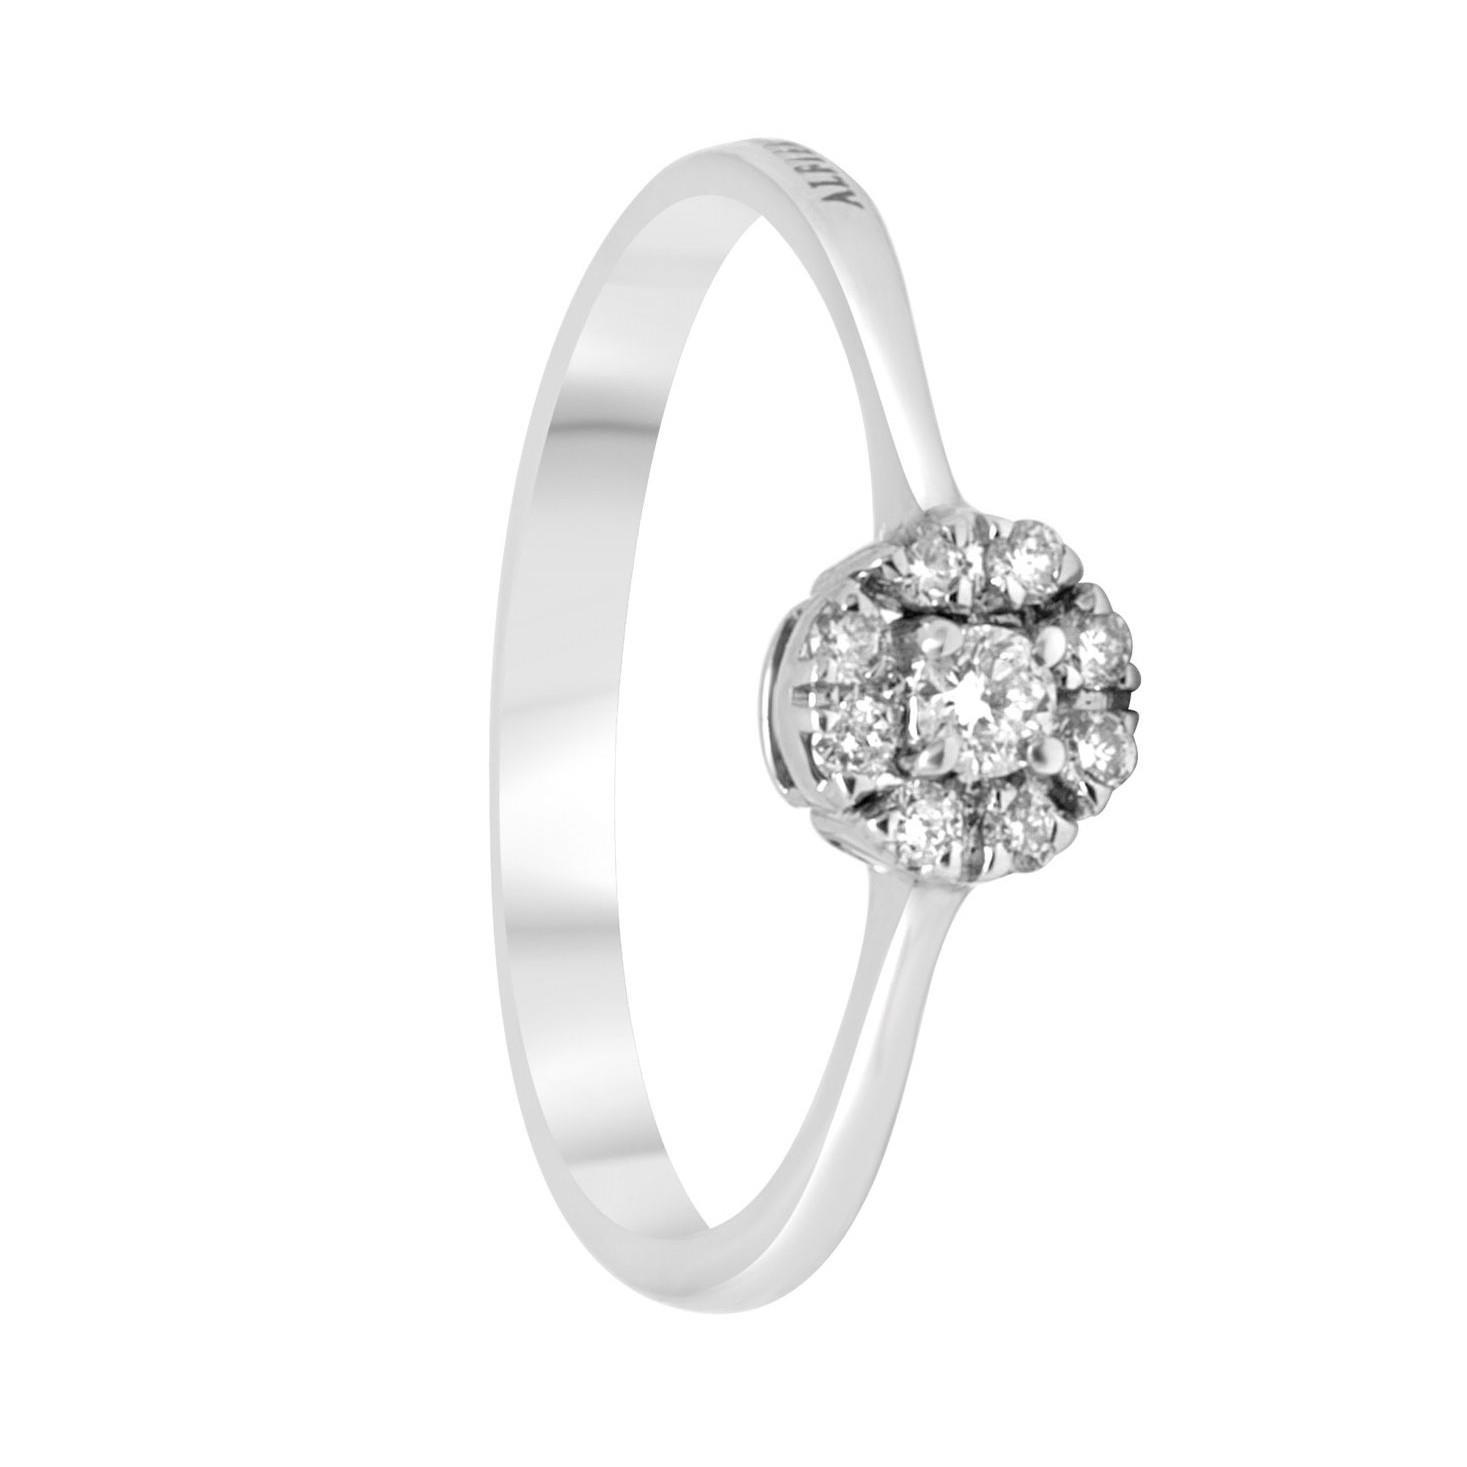 Anello in oro bianco con diamanti ct 0.16, misura 16 - ALFIERI ST JOHN